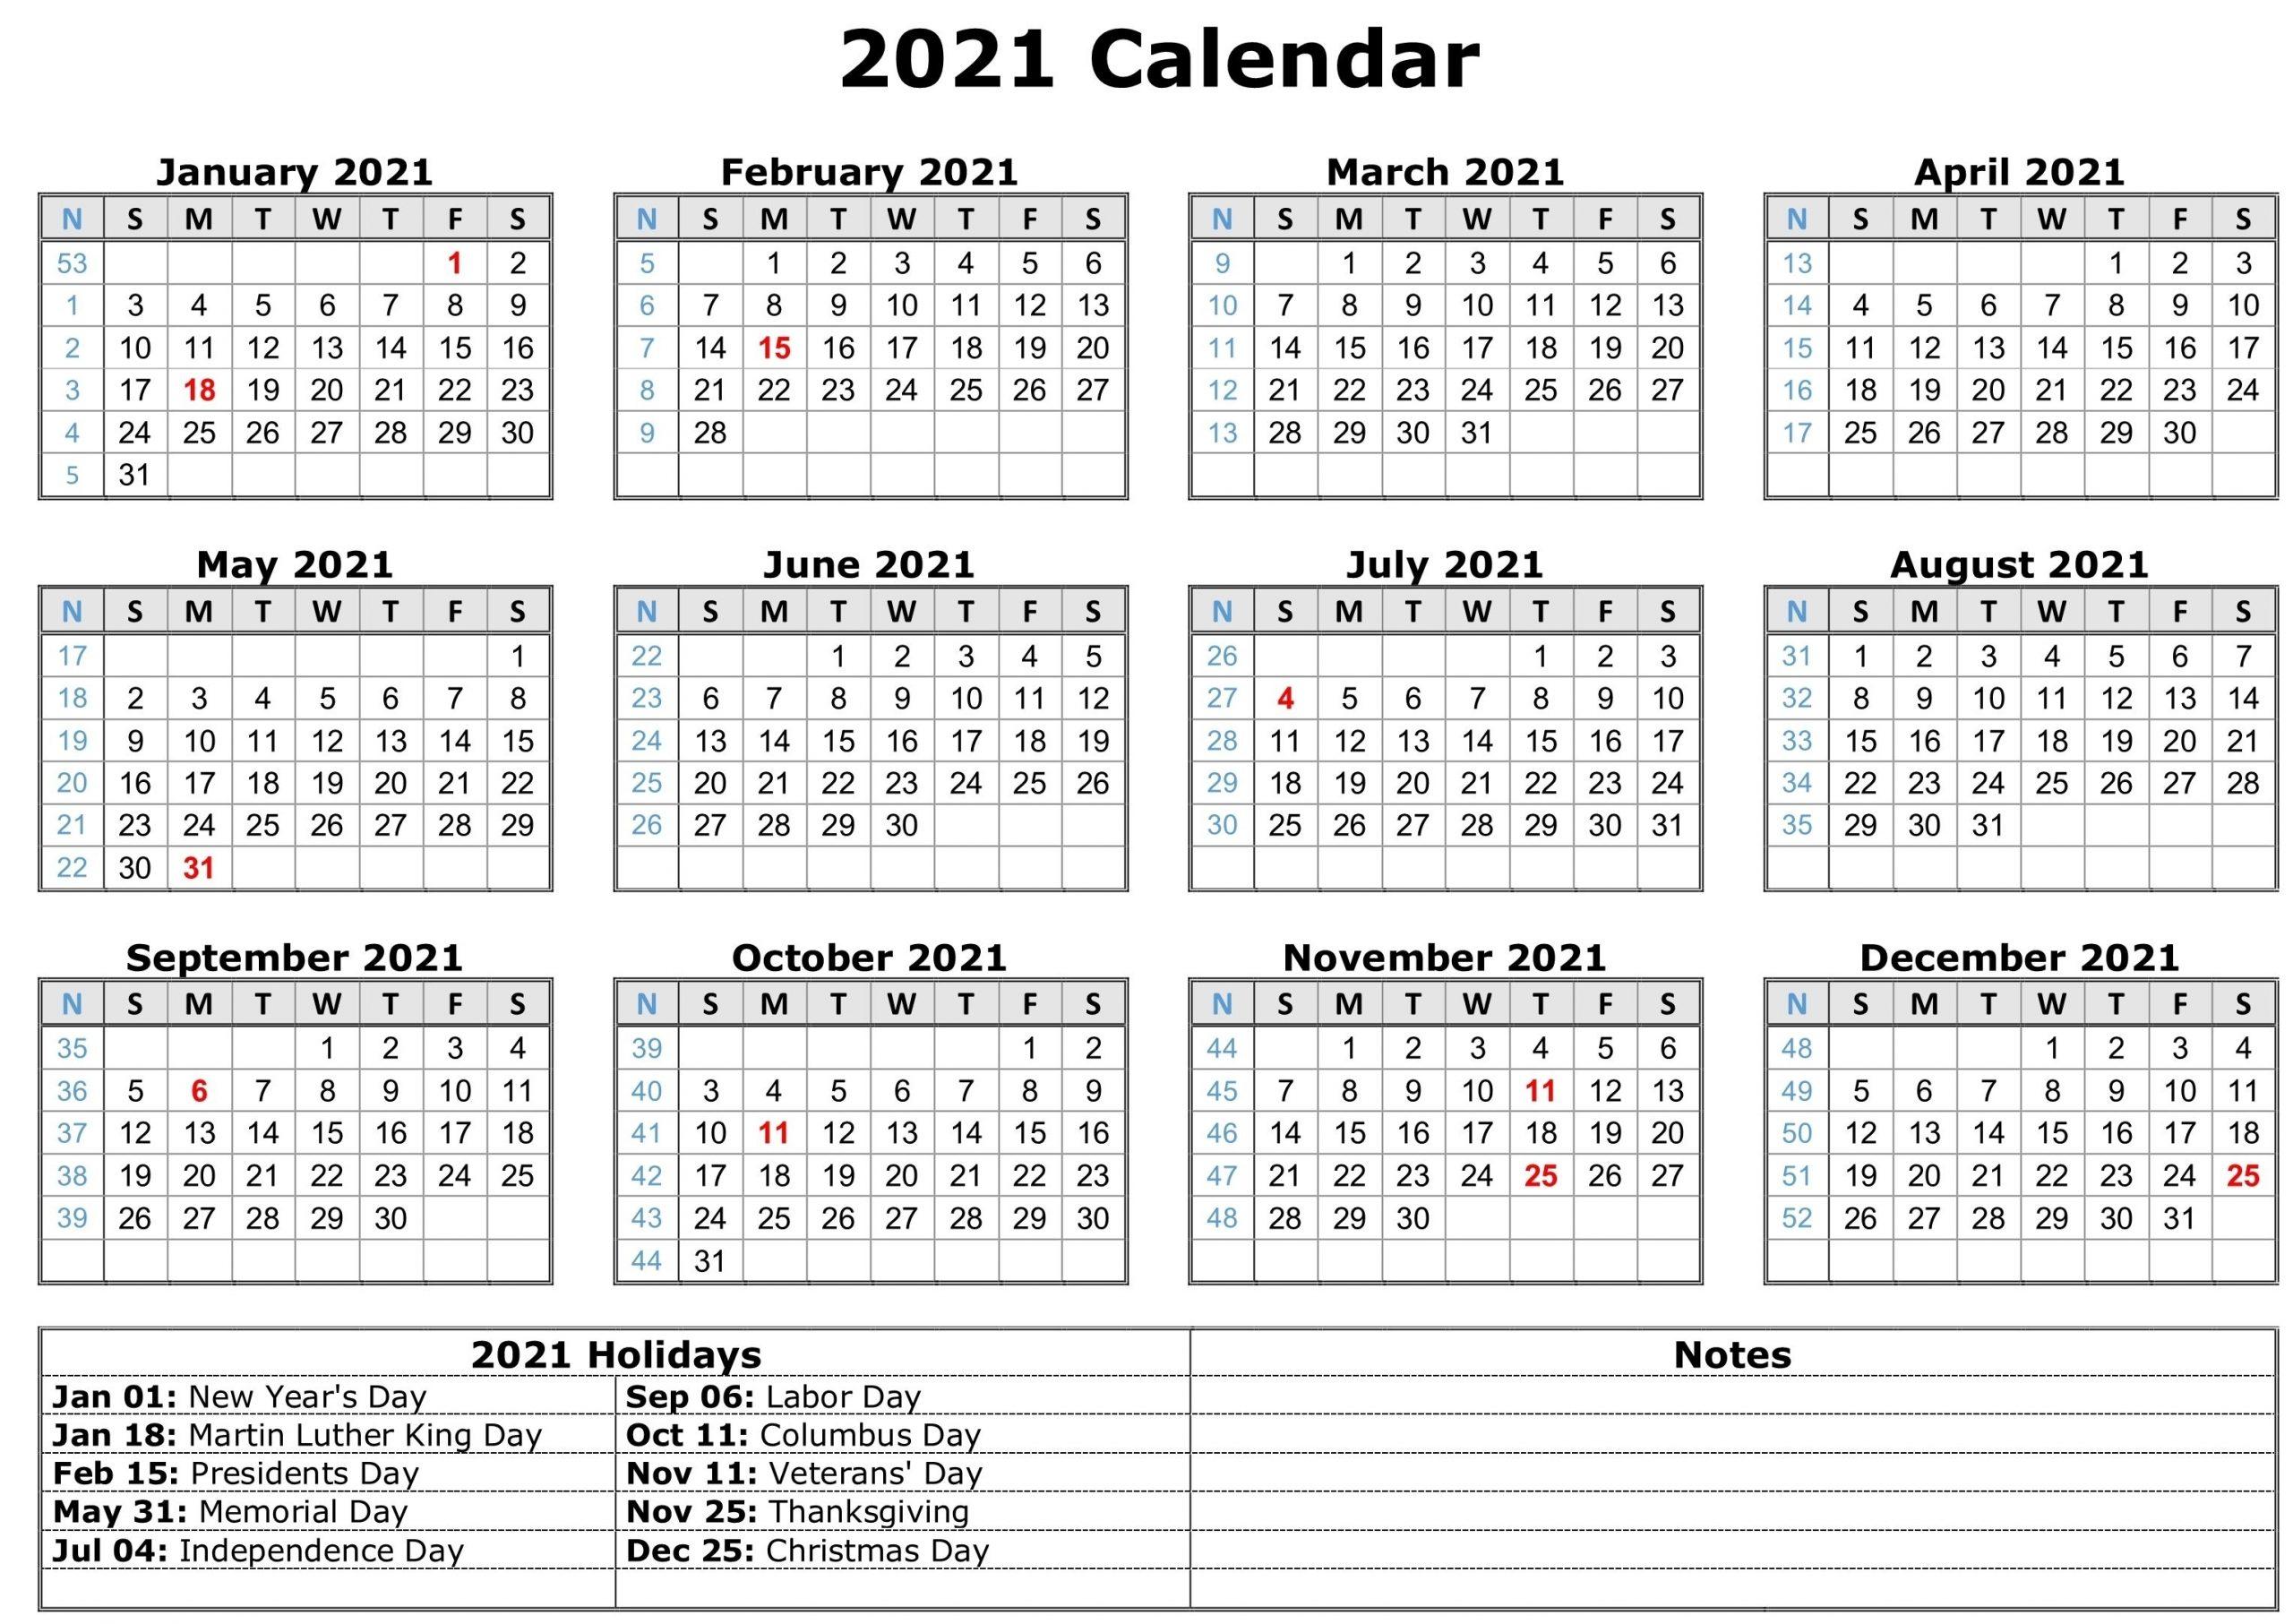 Get 2021 12 Month Calendar Template